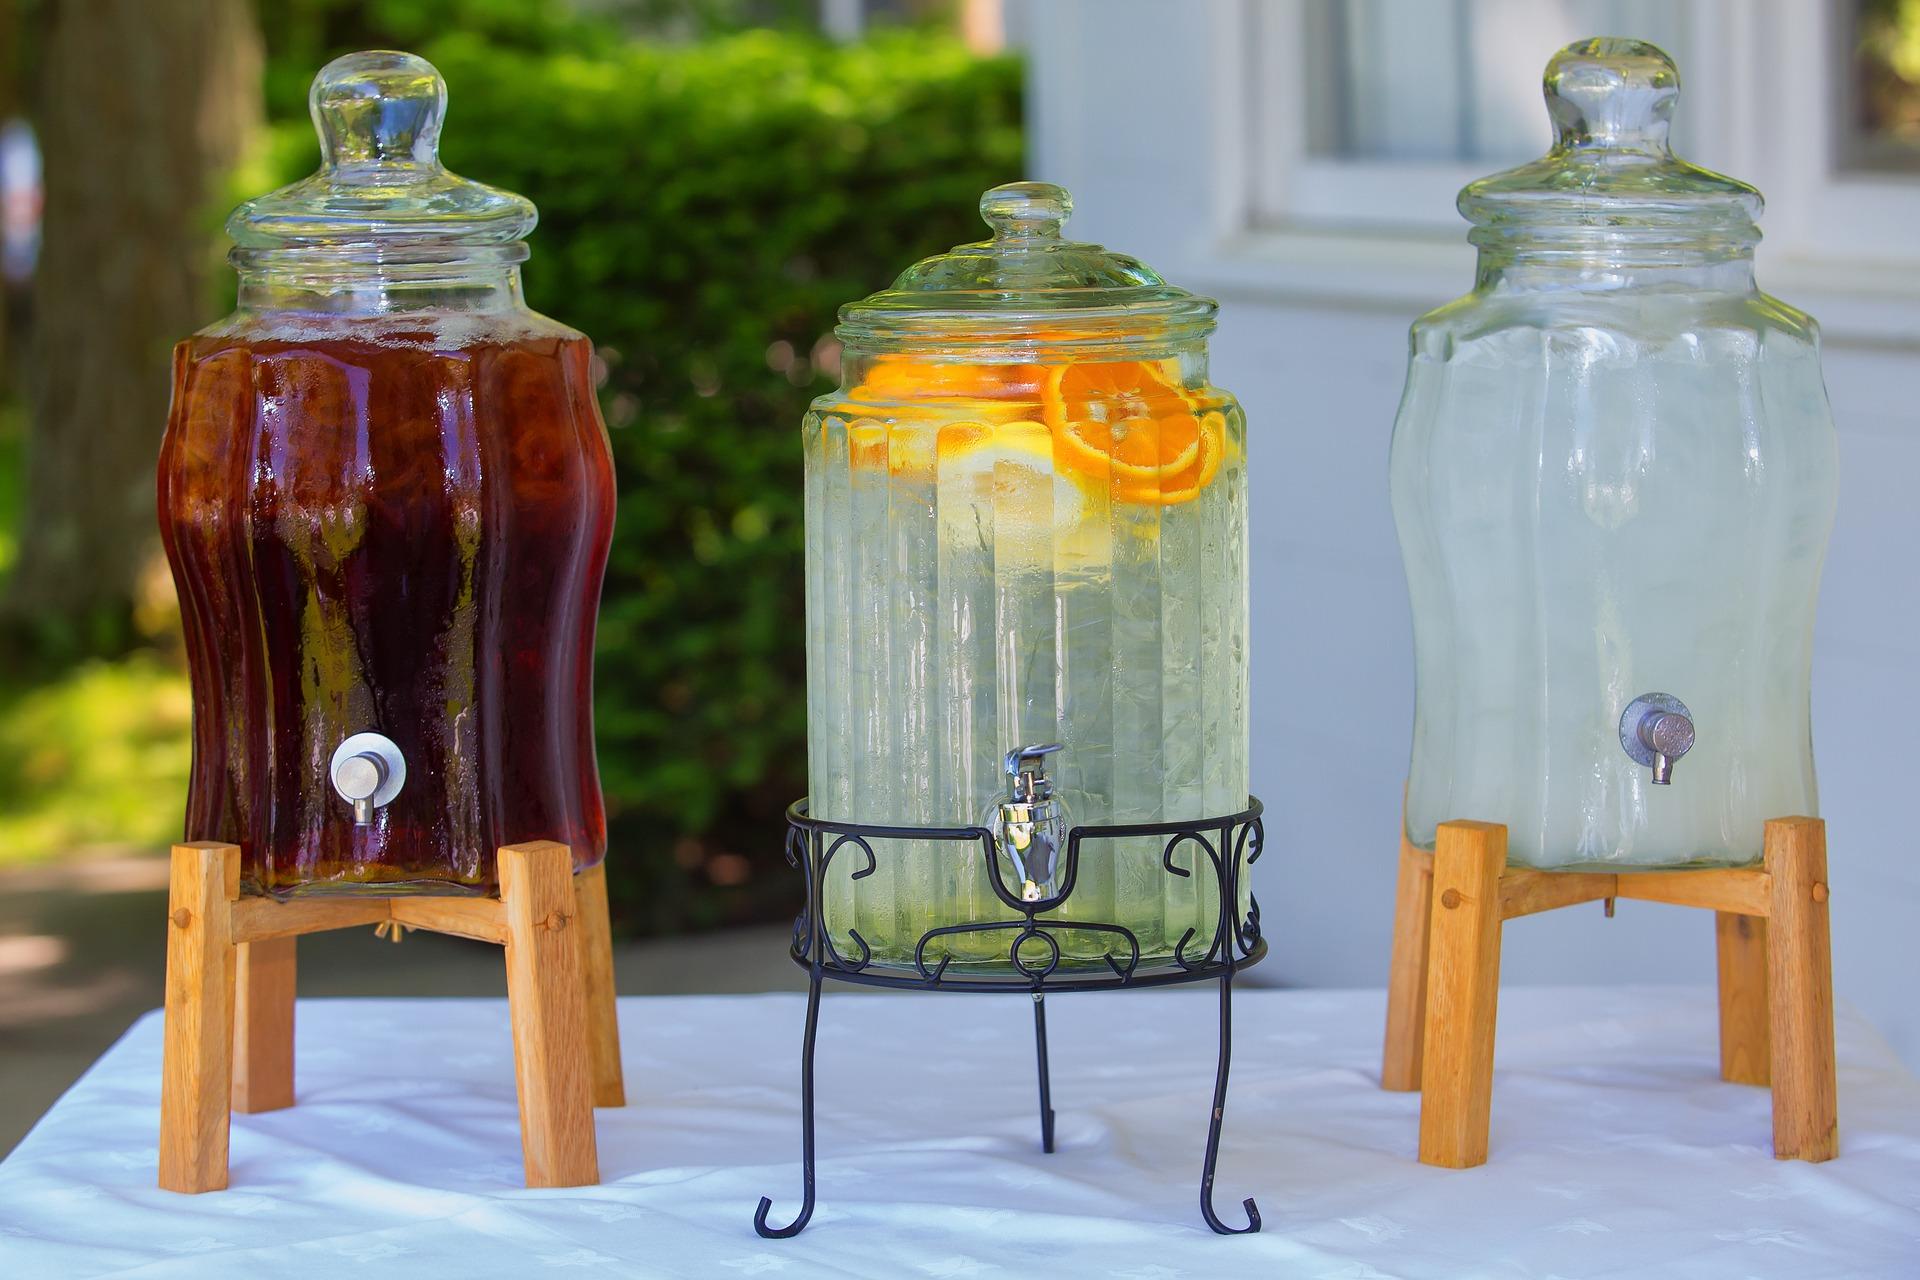 Czyherbata odwadnia? – mity herbaciane